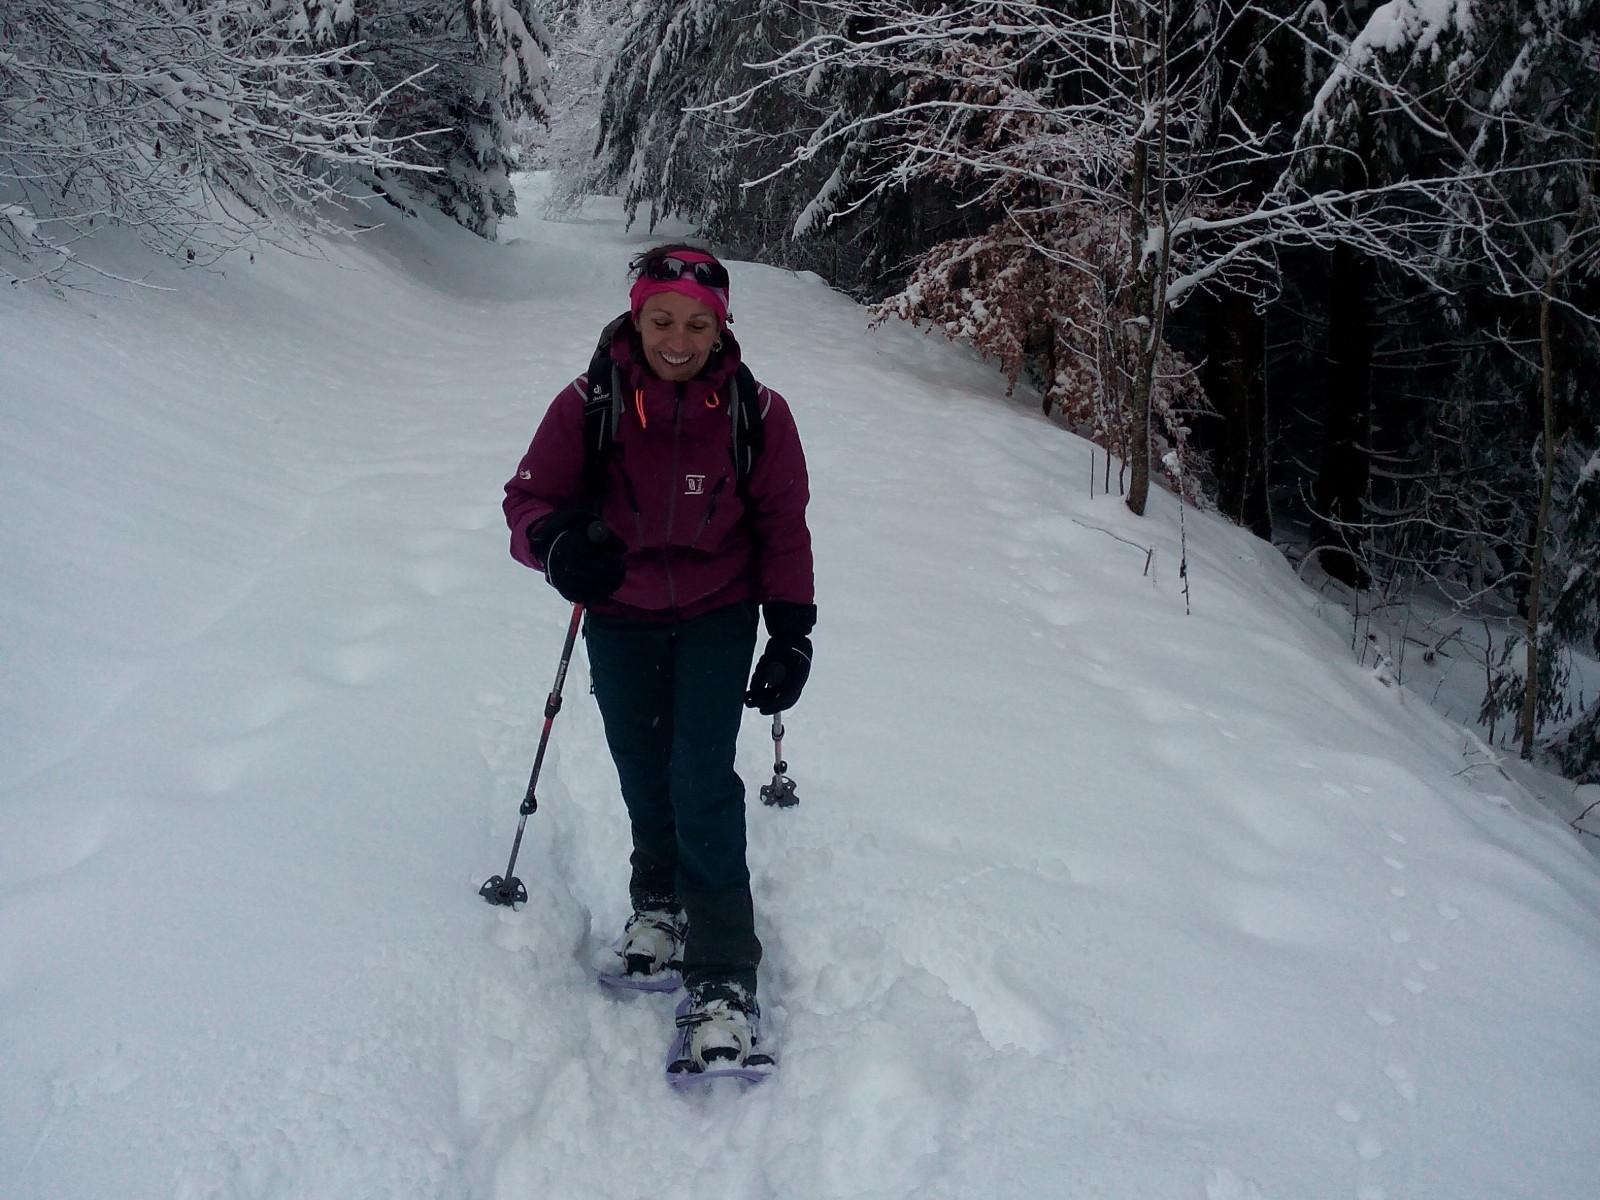 Retour du TRA à raquettes à neige - Banne d'Ordanche - Massif du Sancy - Puy-de-Dôme - Auvergne